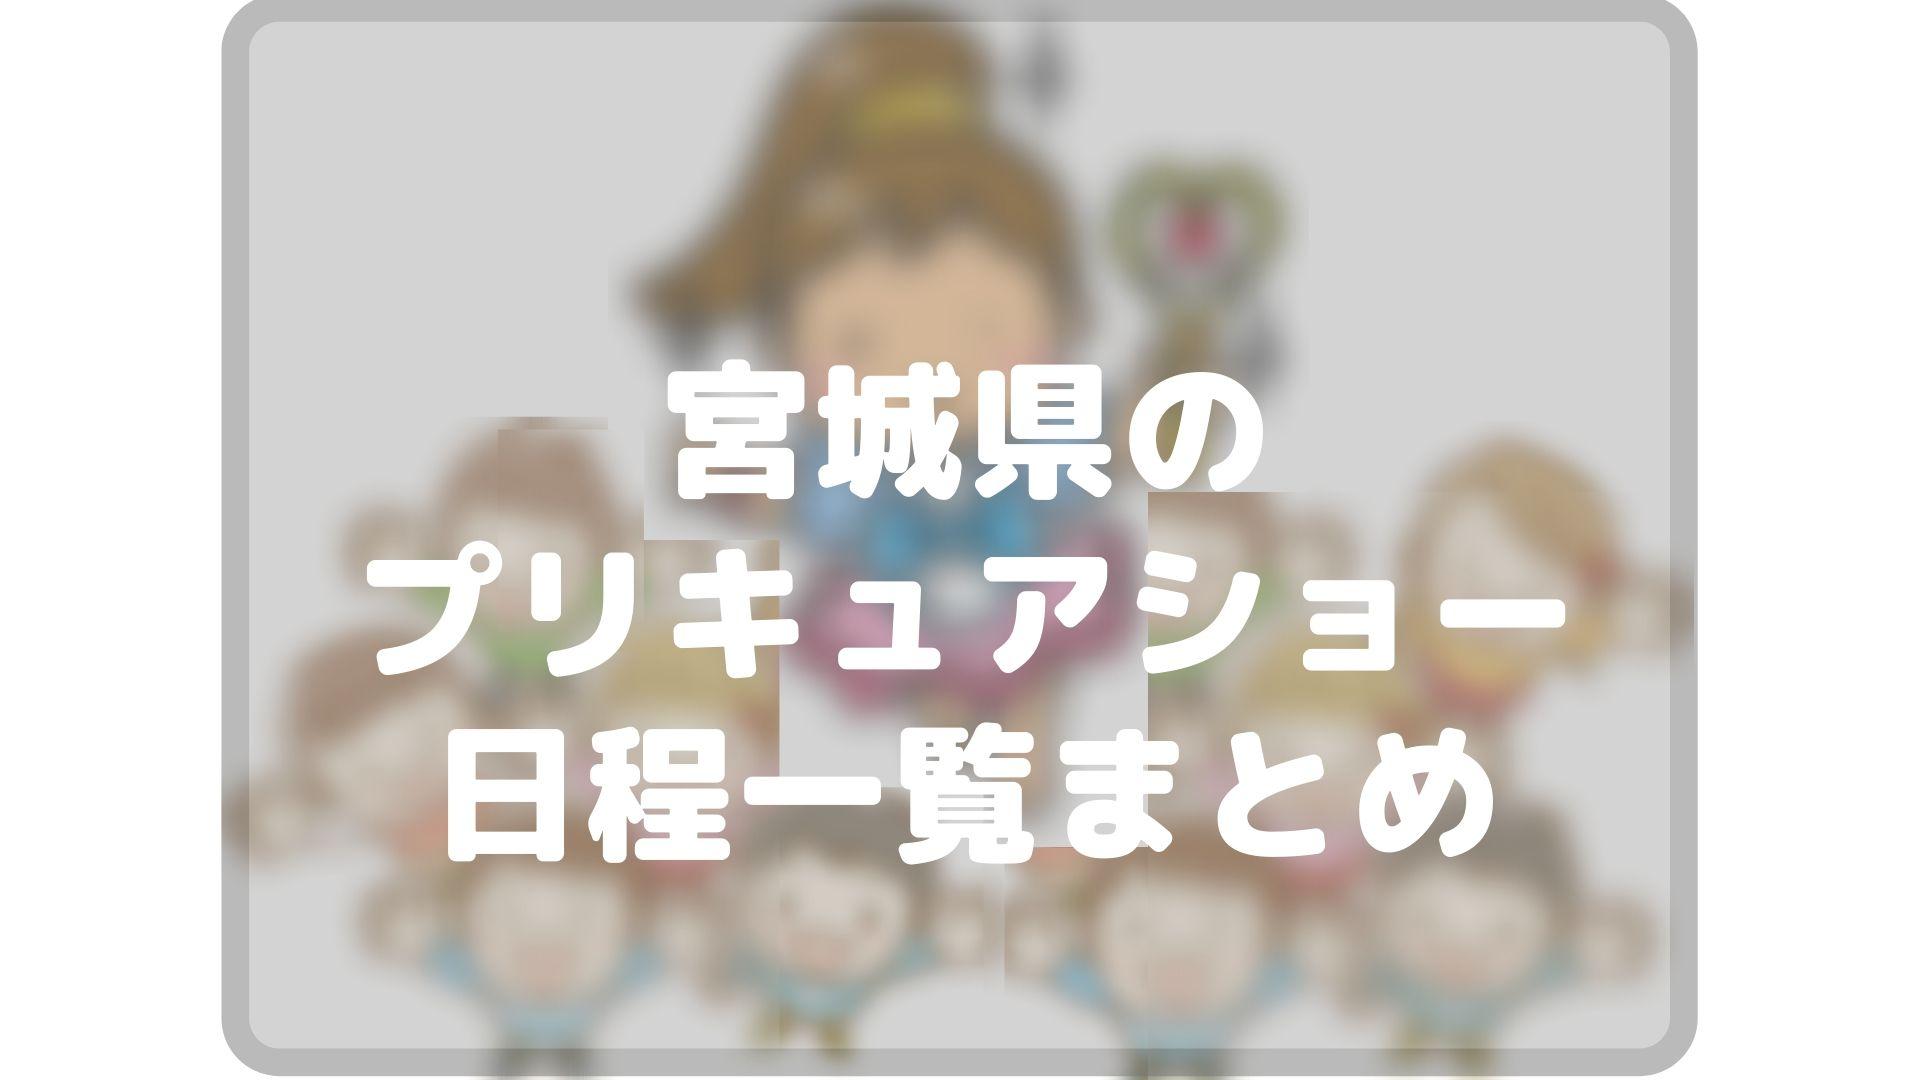 宮城県のプリキュアショーまとめタイトル画像